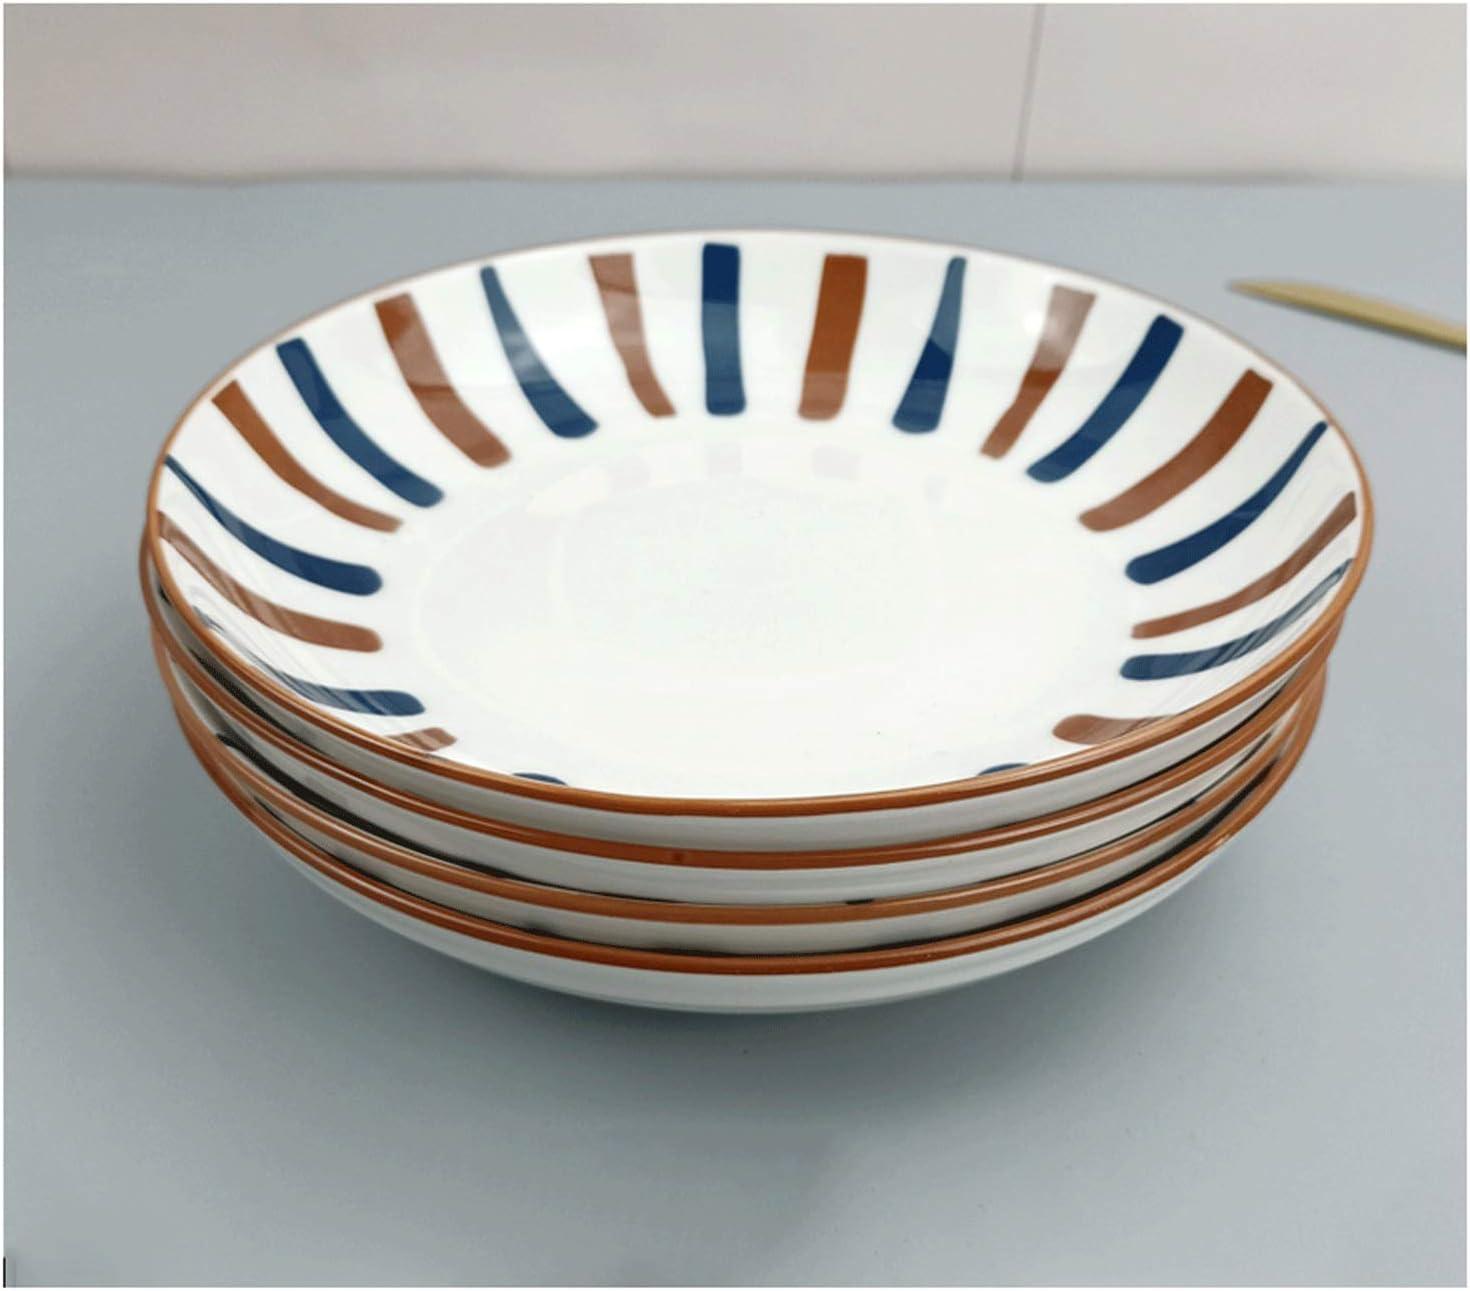 Purchase Dinner Plate Ceramic Appetizer Serving Pasta Steak Award-winning store